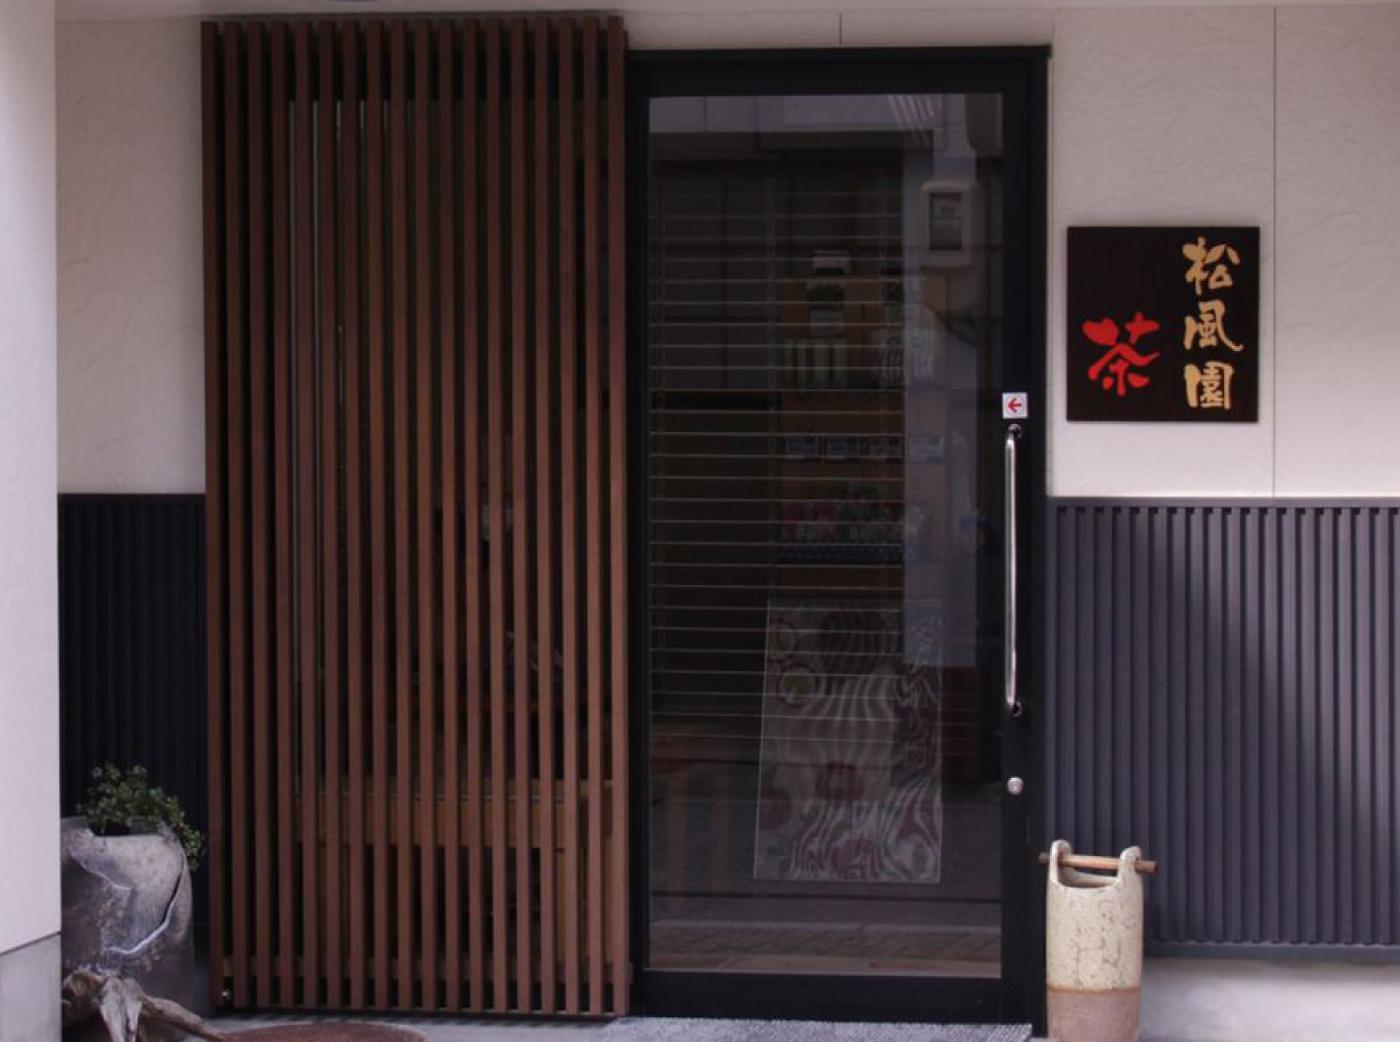 松風園茶舗